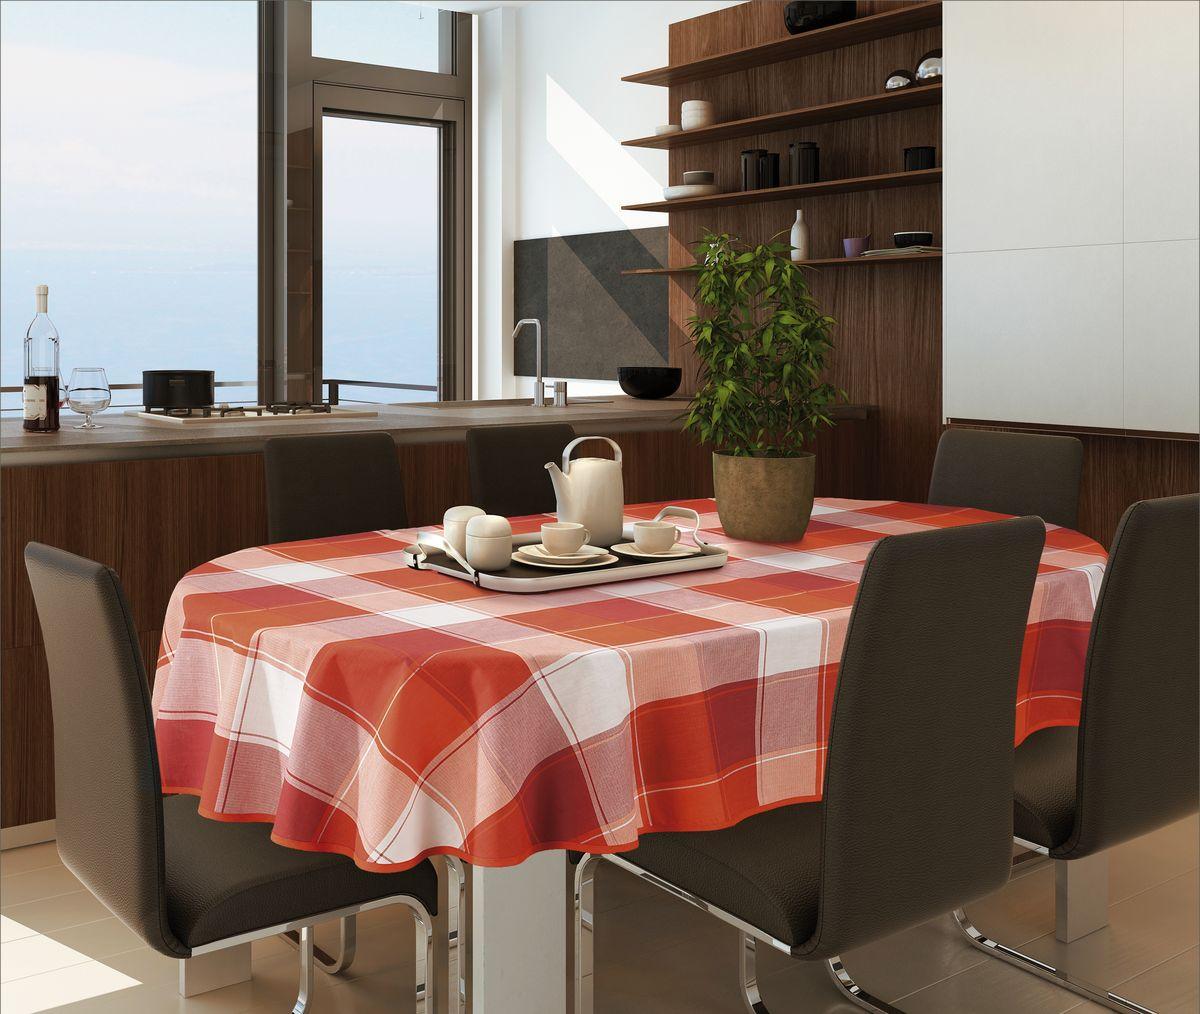 Скатерть Wisan, овальная, цвет: терракотовый, 130 х 180 см336ВСкатерть выполнена в европейском стиле,ткань плотная.